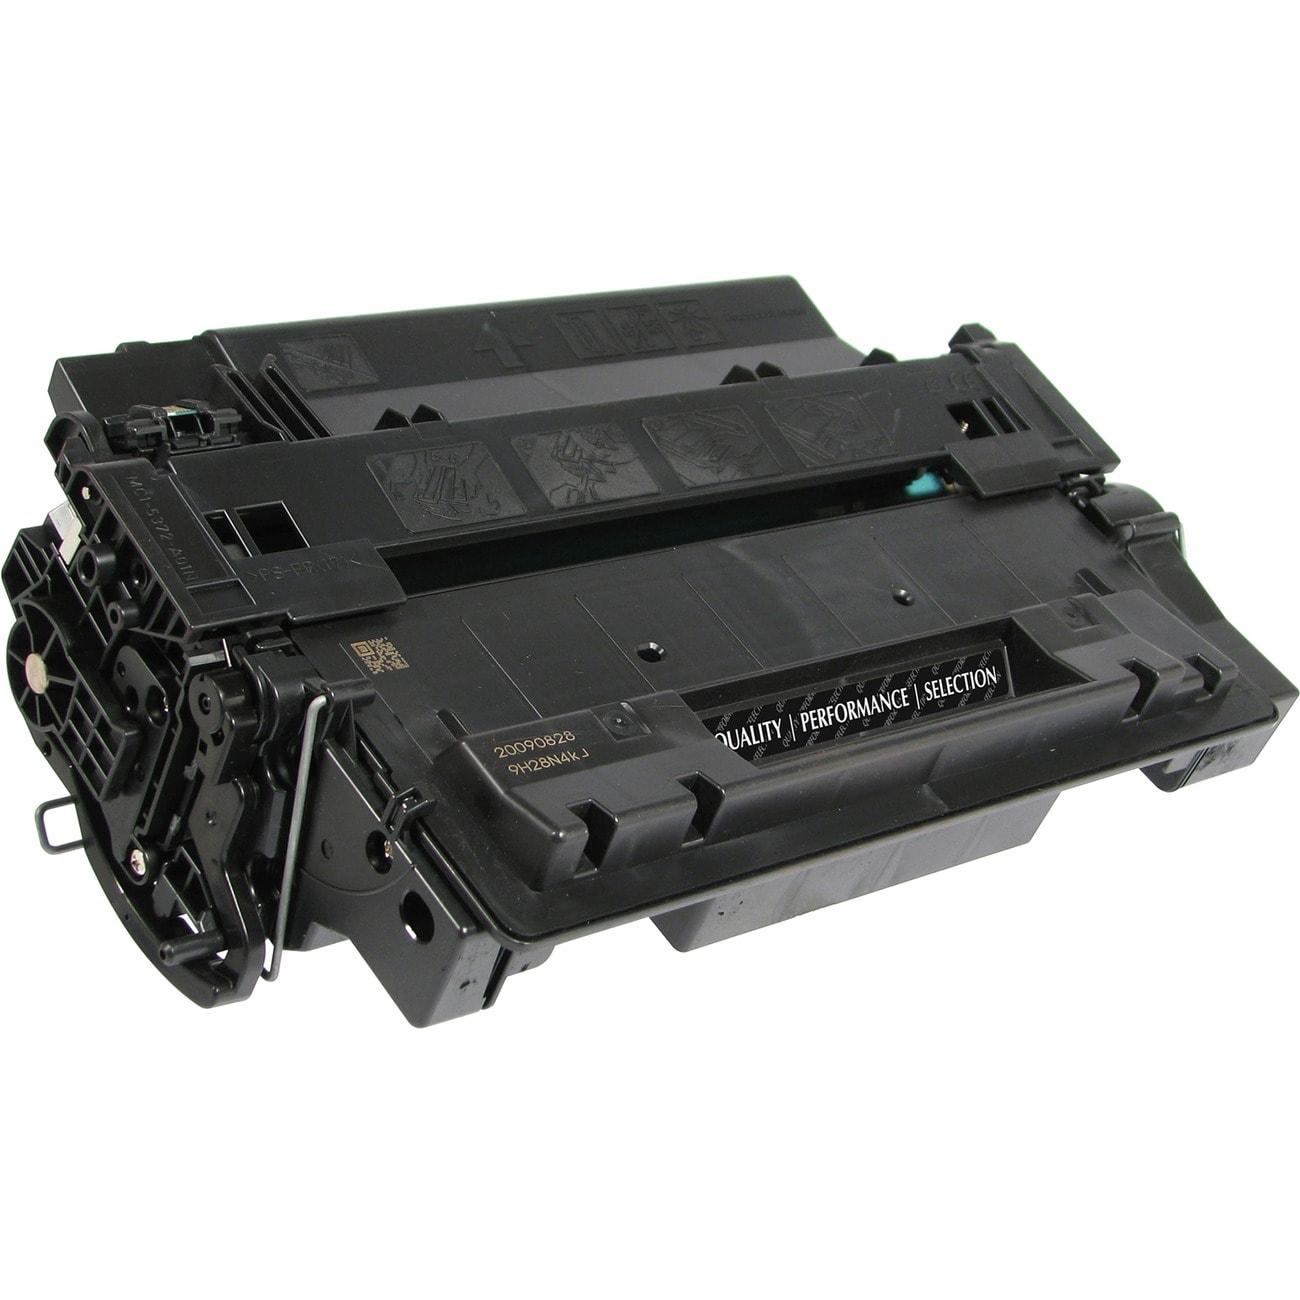 V7 Toner Cartridge - Remanufactured for HP (CE255A) - Black